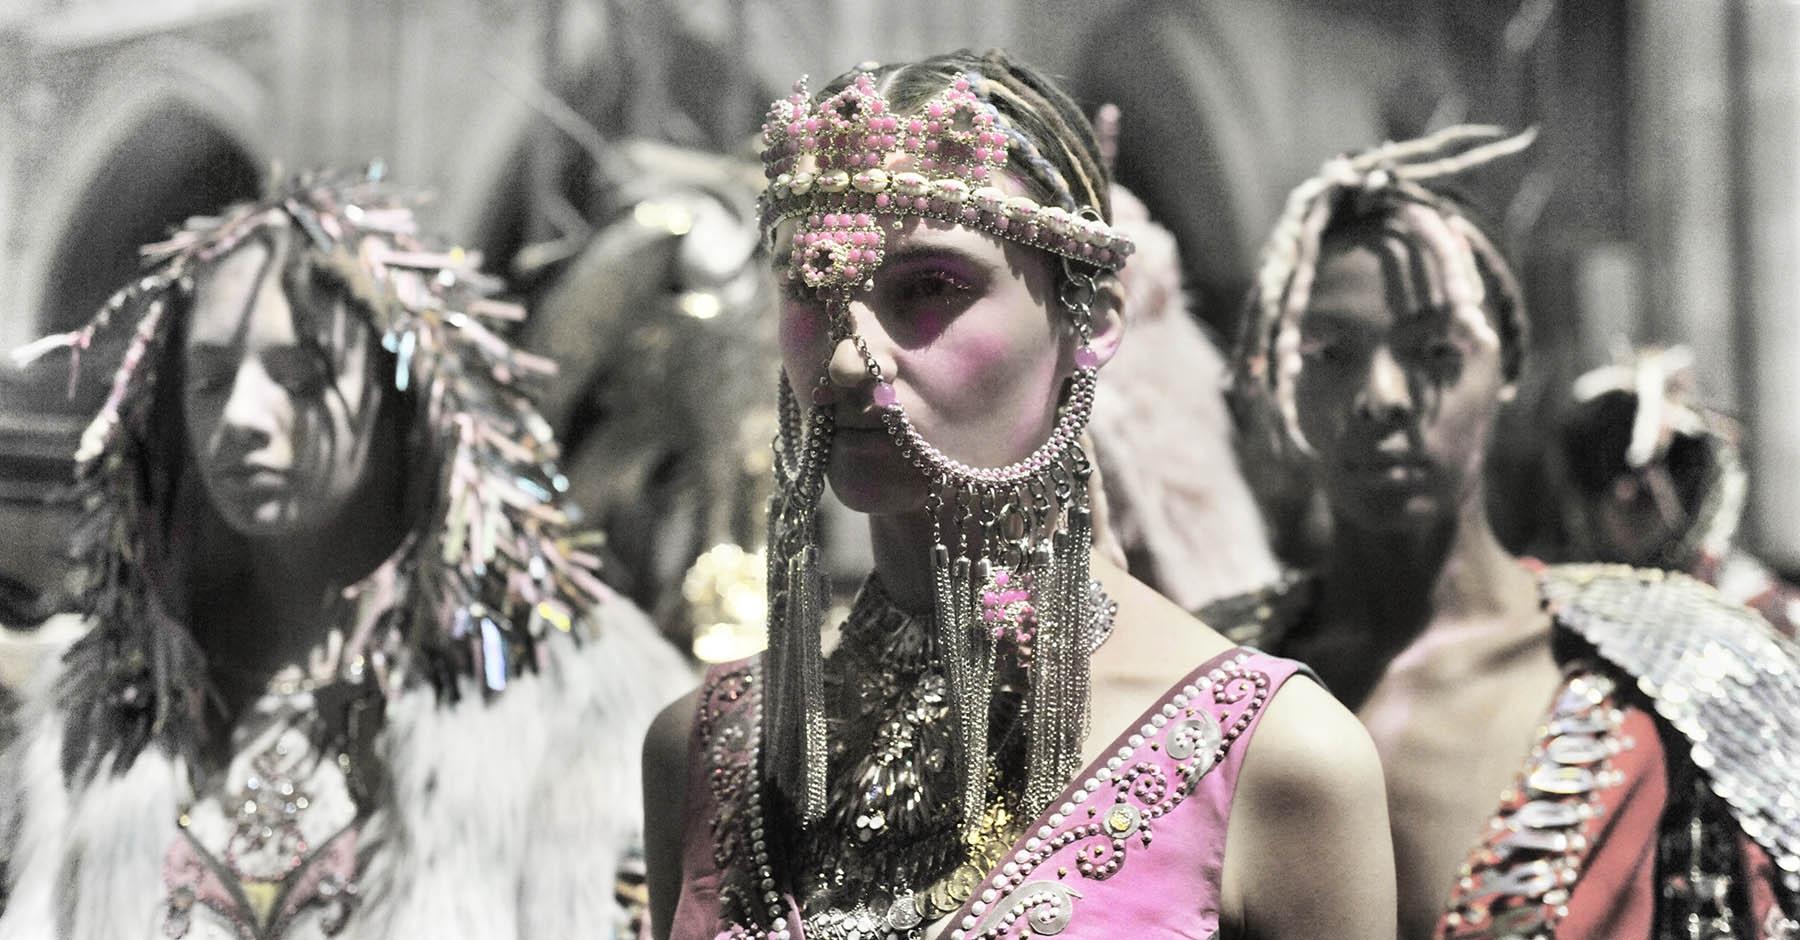 Manish-Arora-Fashion-week-Automne-2019-2